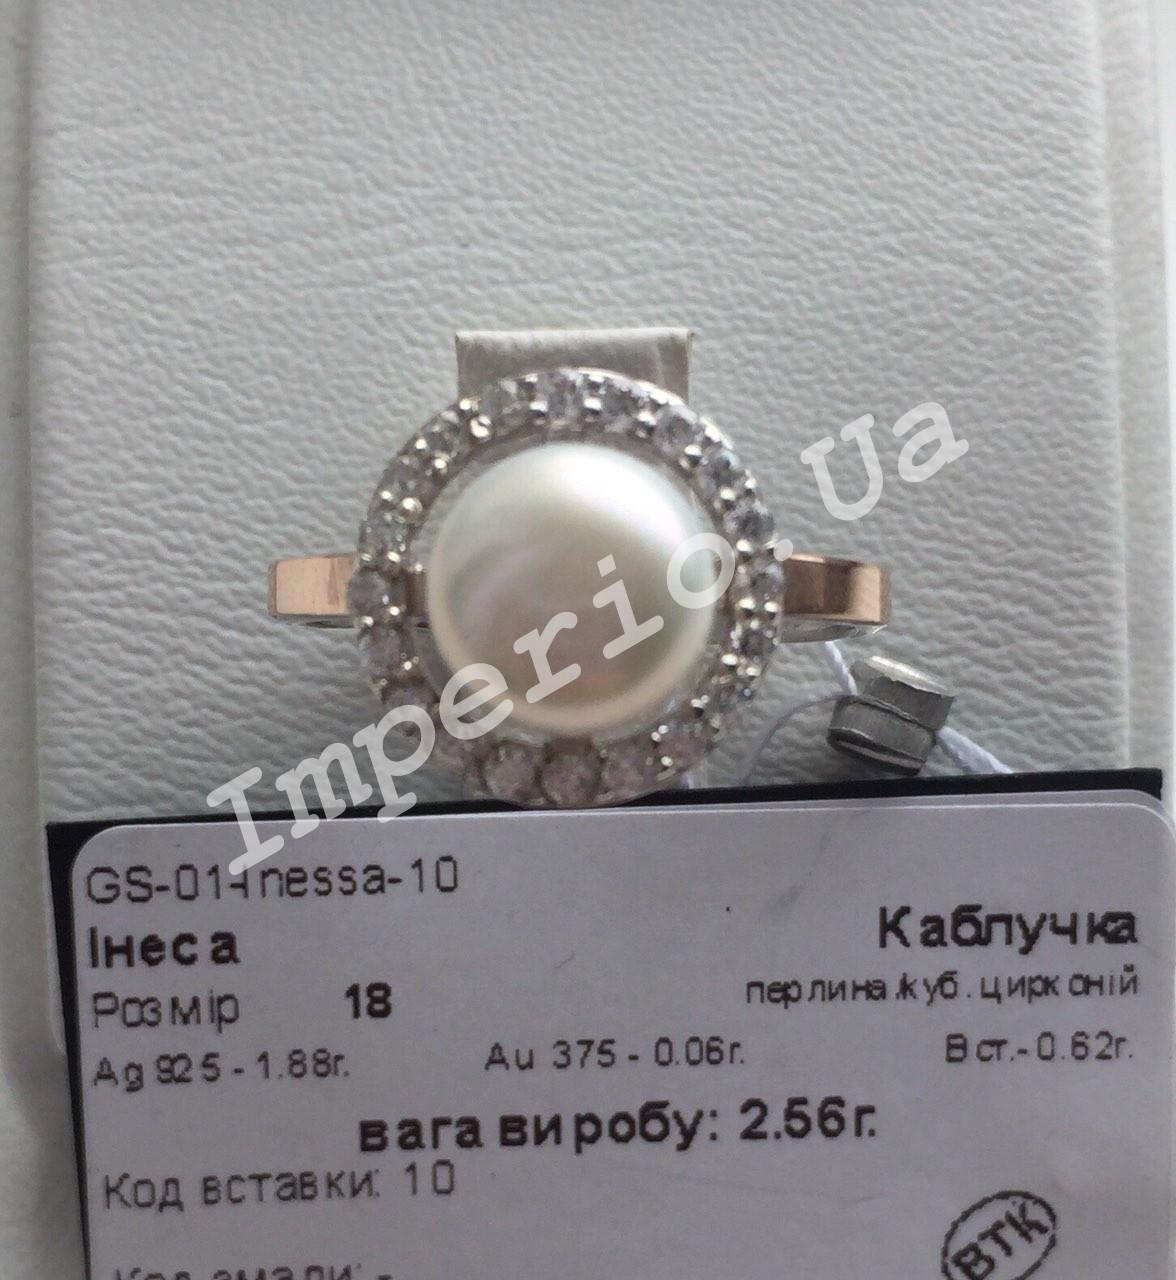 Серебряное кольцо с элементами золота ИНЕССА